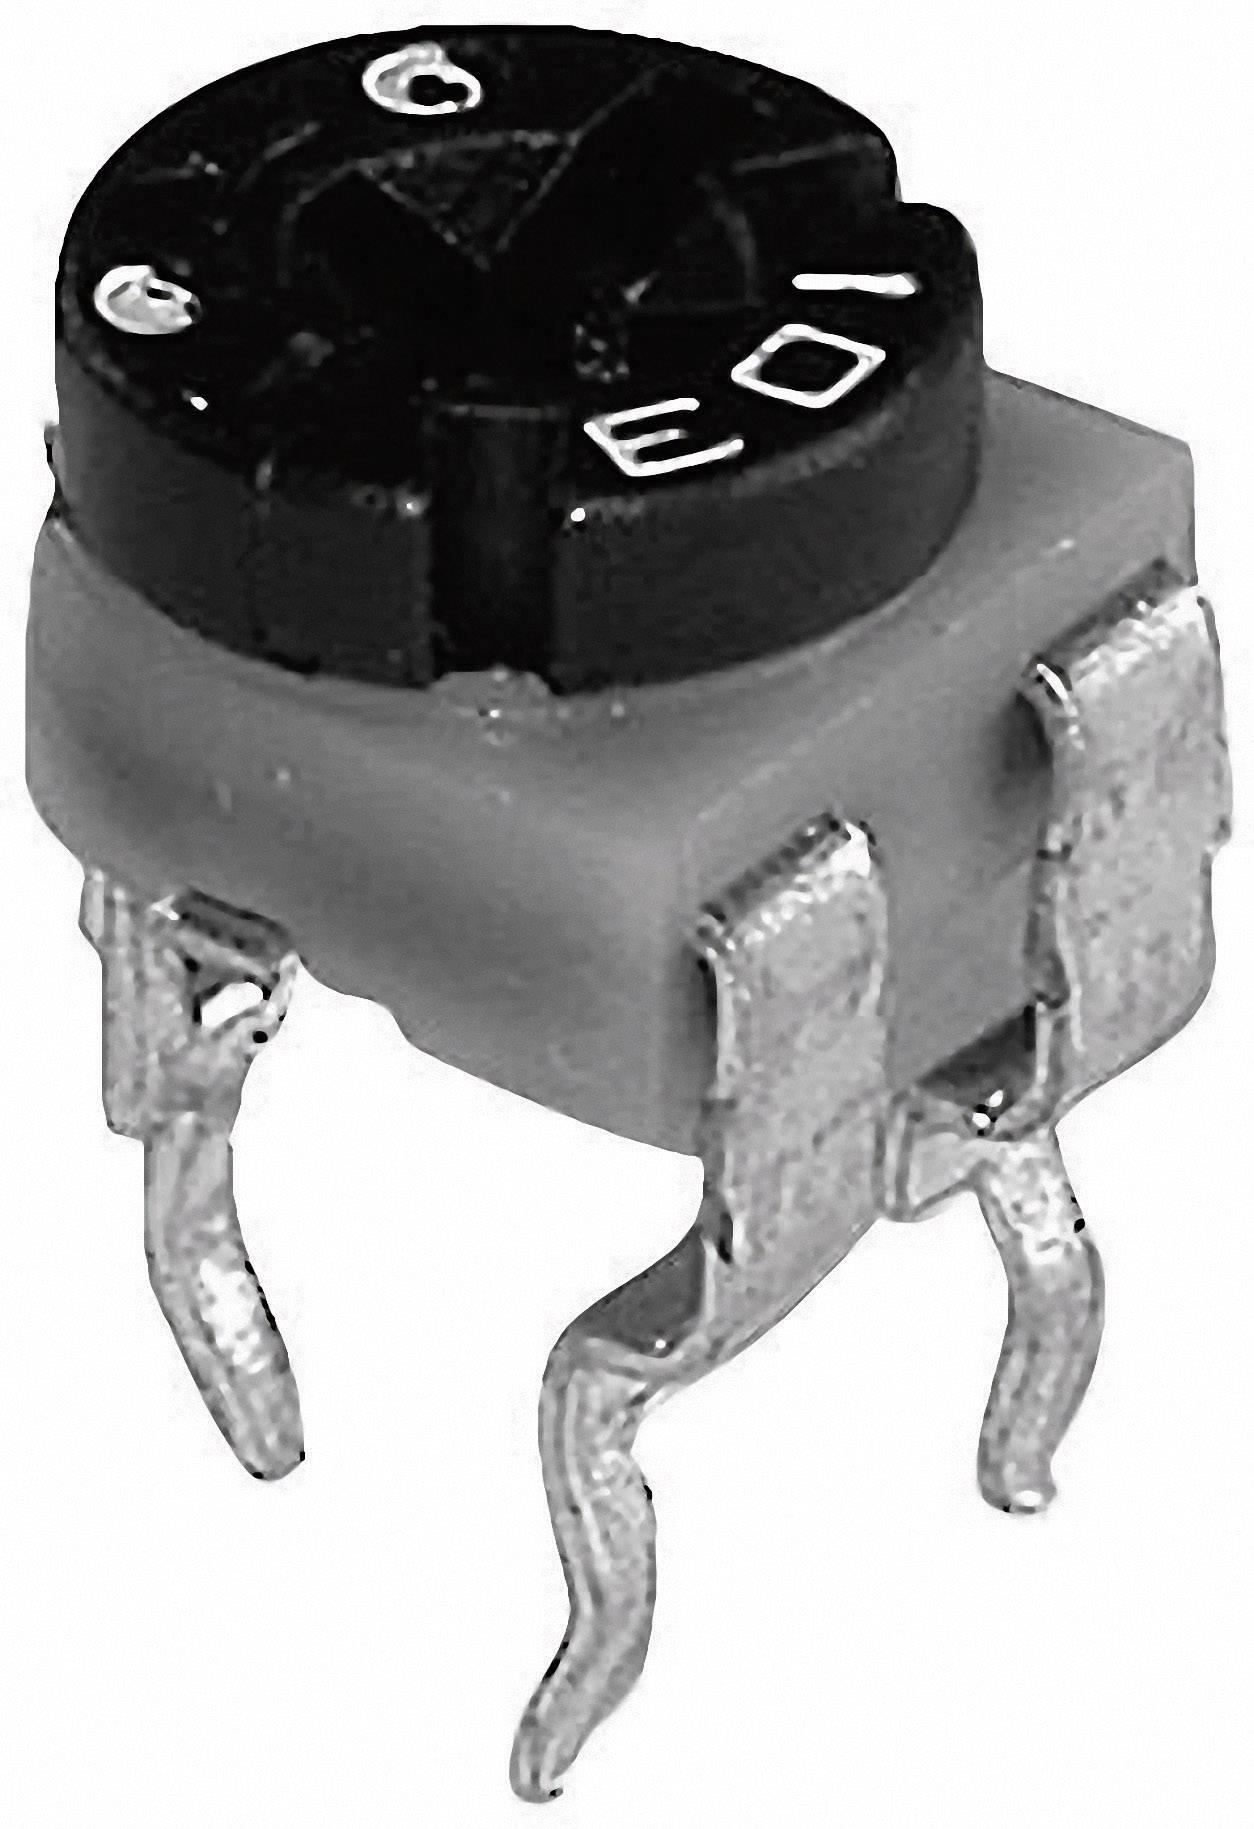 Uhlíkový trimr TT Electro, 601020, 1 kΩ, 0,1 W, ± 30 %